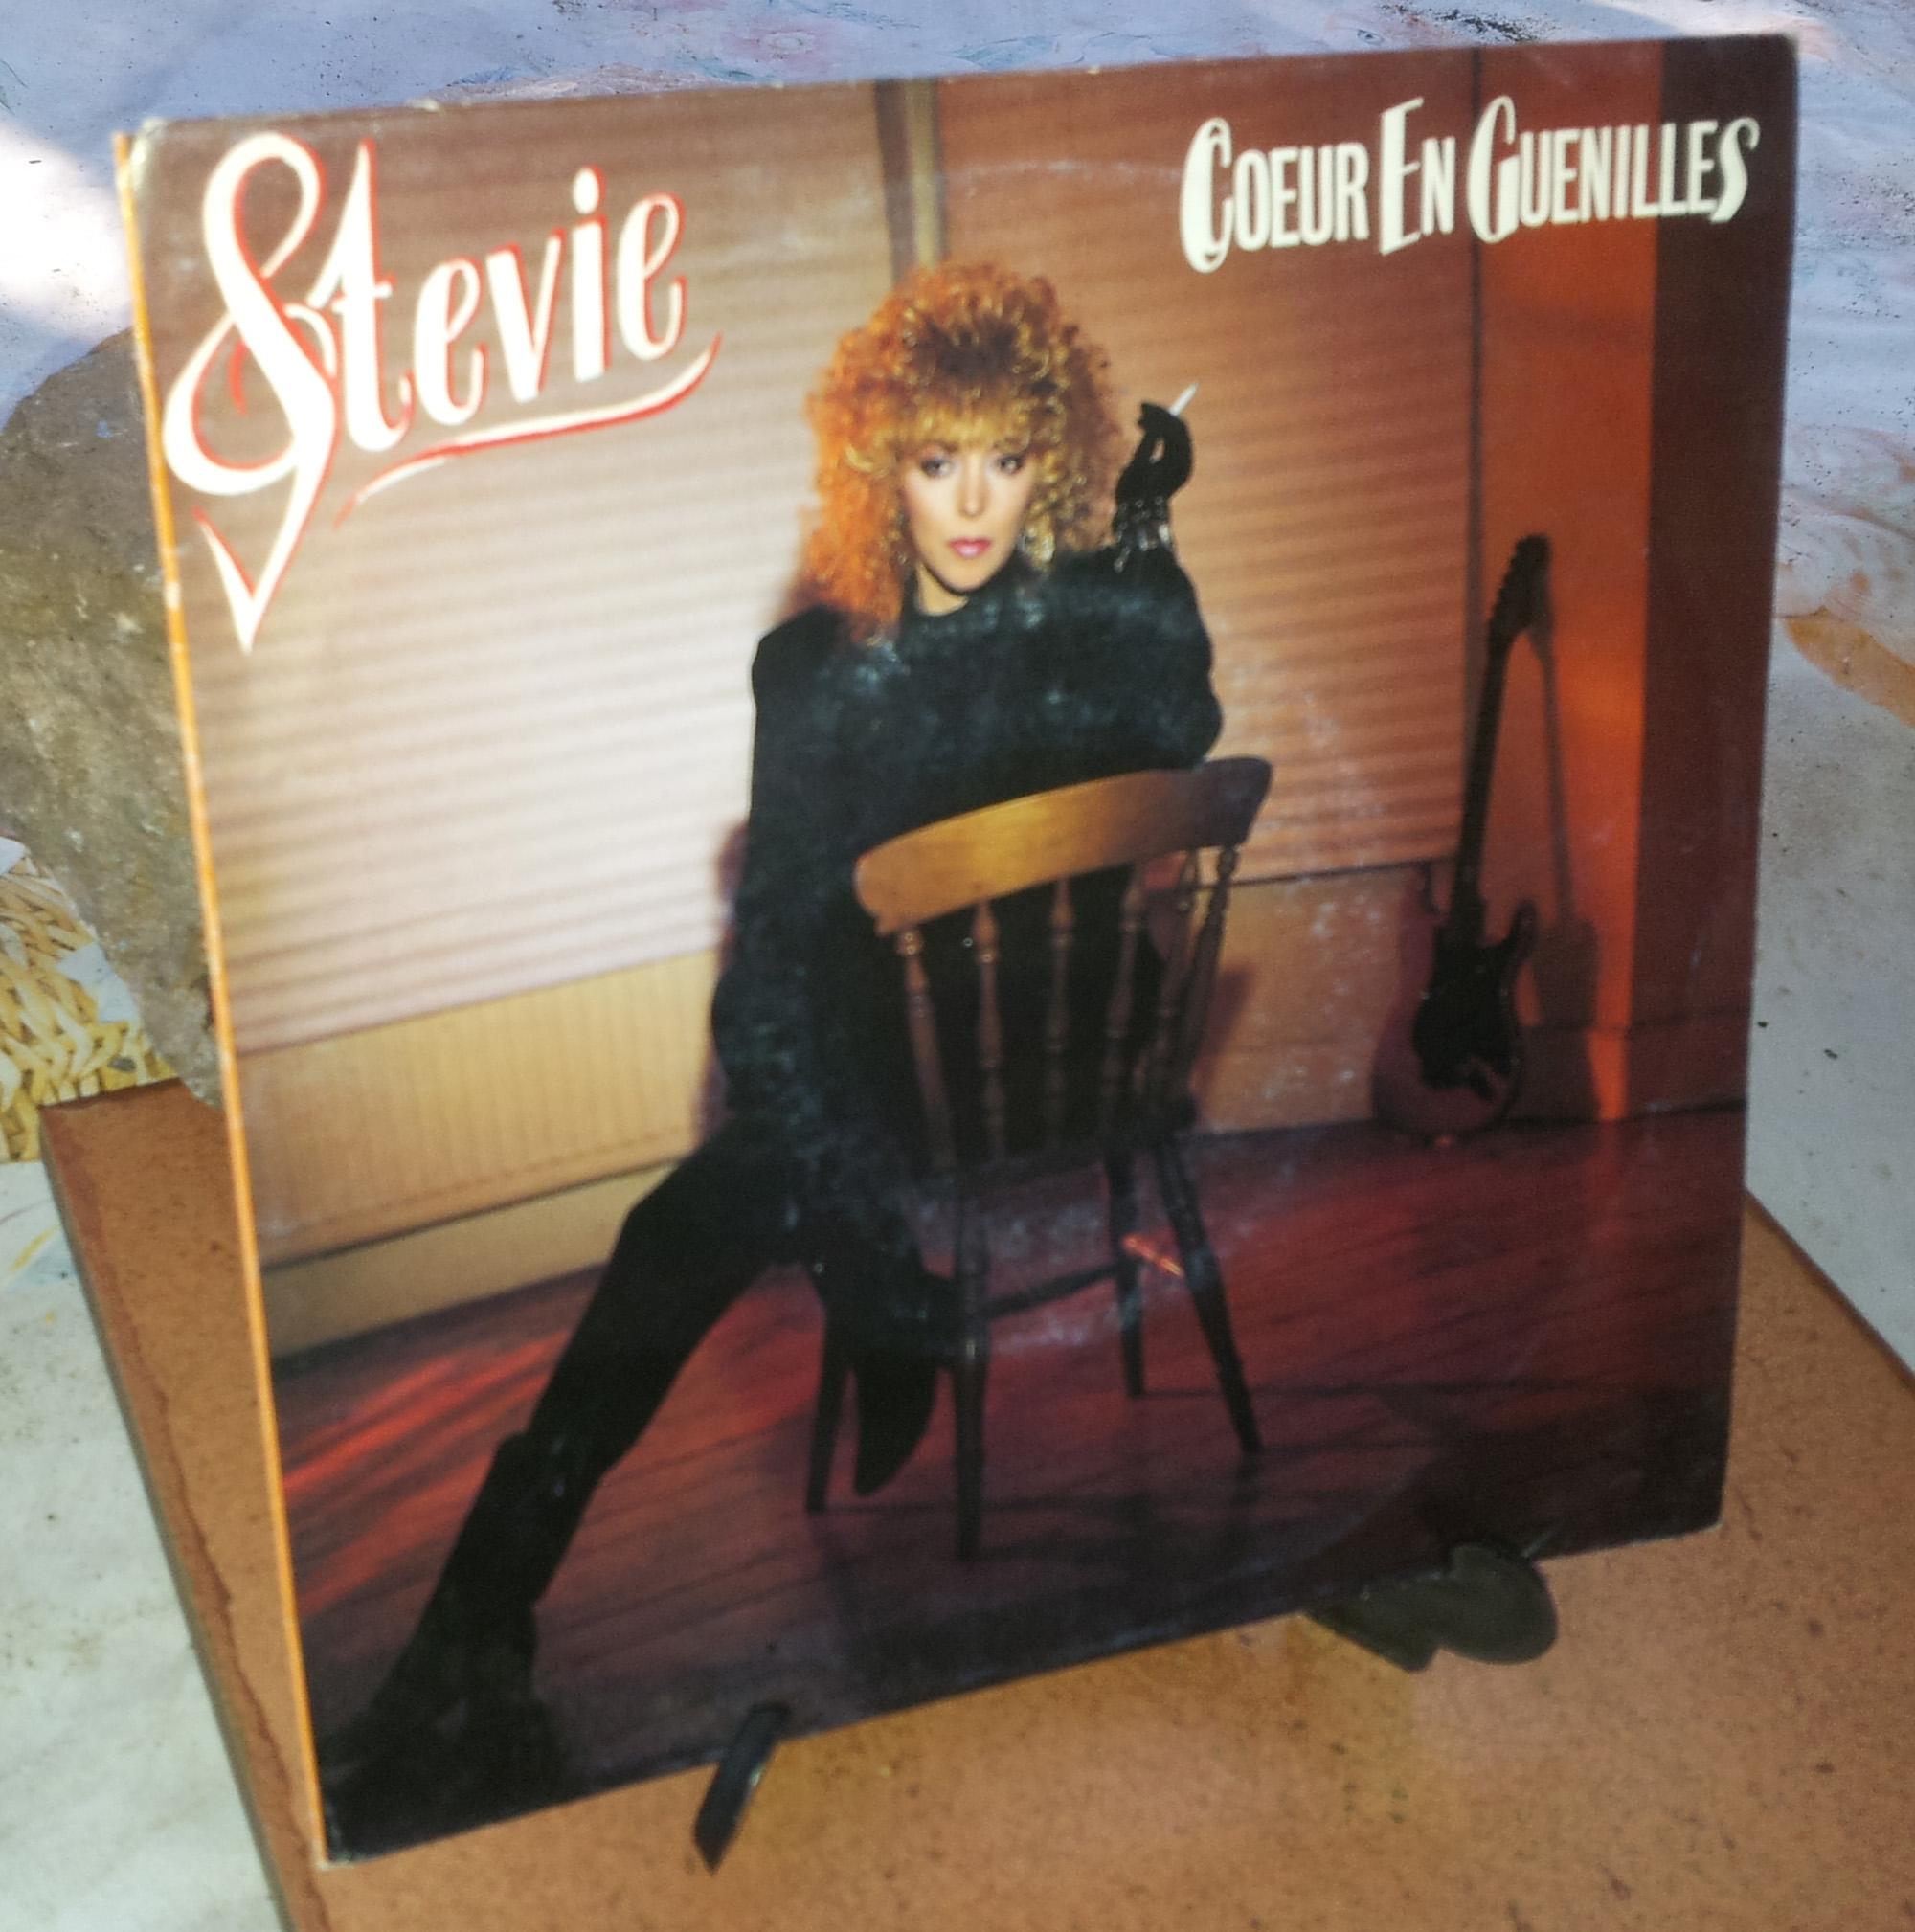 STEVIE Coeur en guenilles (1986) 45 tours - le vinyle vu de plus près ...  Stevie11